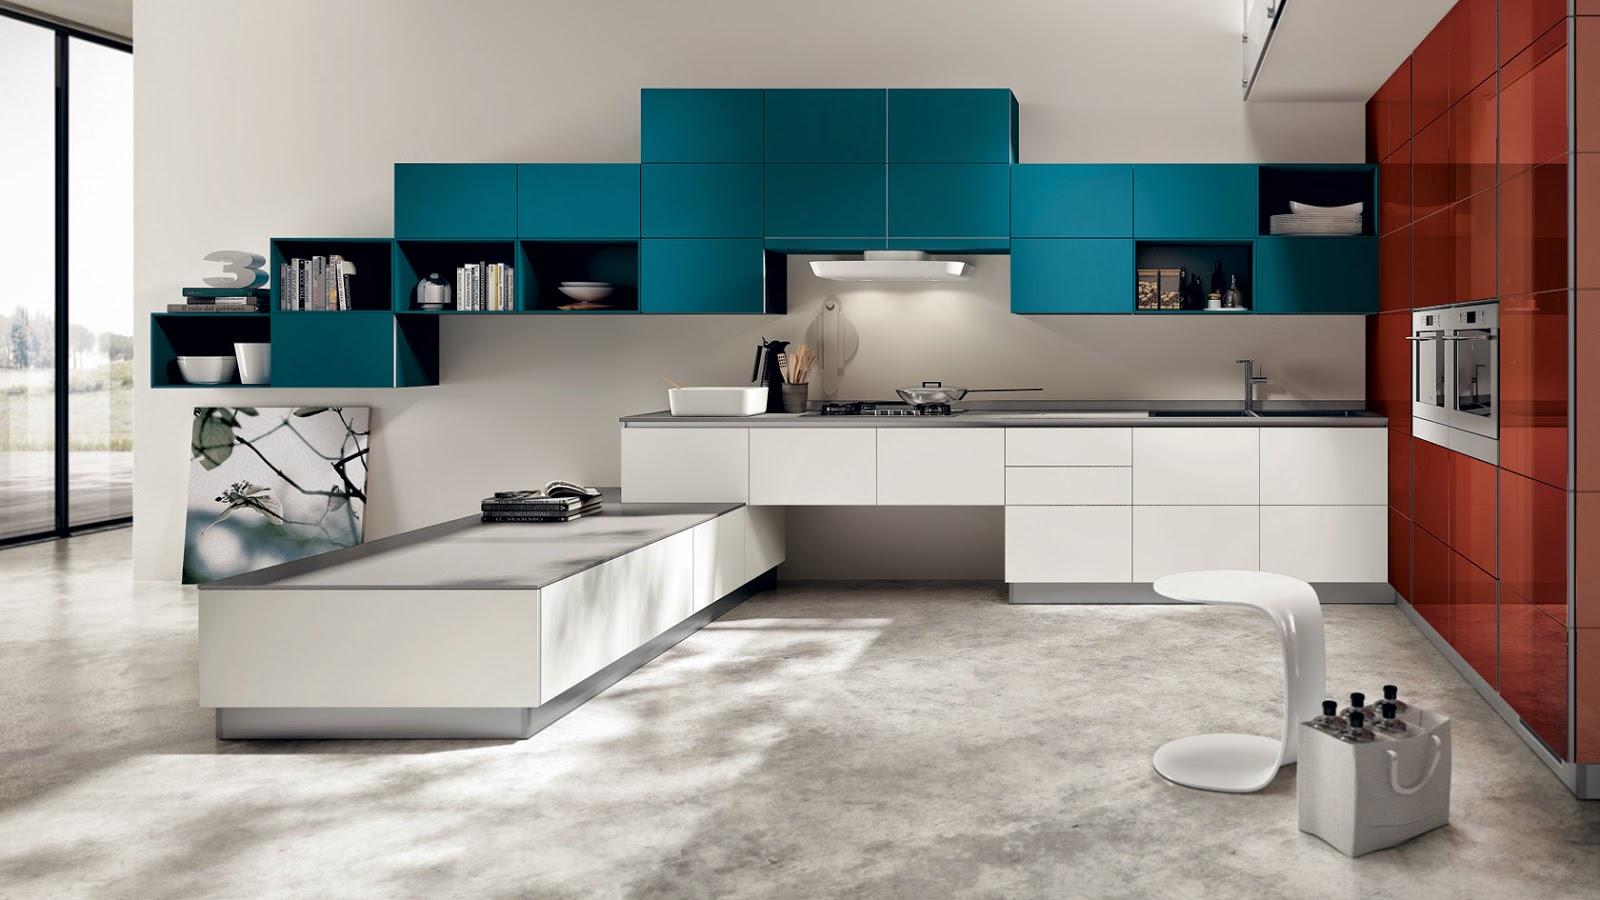 Cozinhas Modernas Da Empresa Scavolini Car Interior Design #054F5B 1600 900